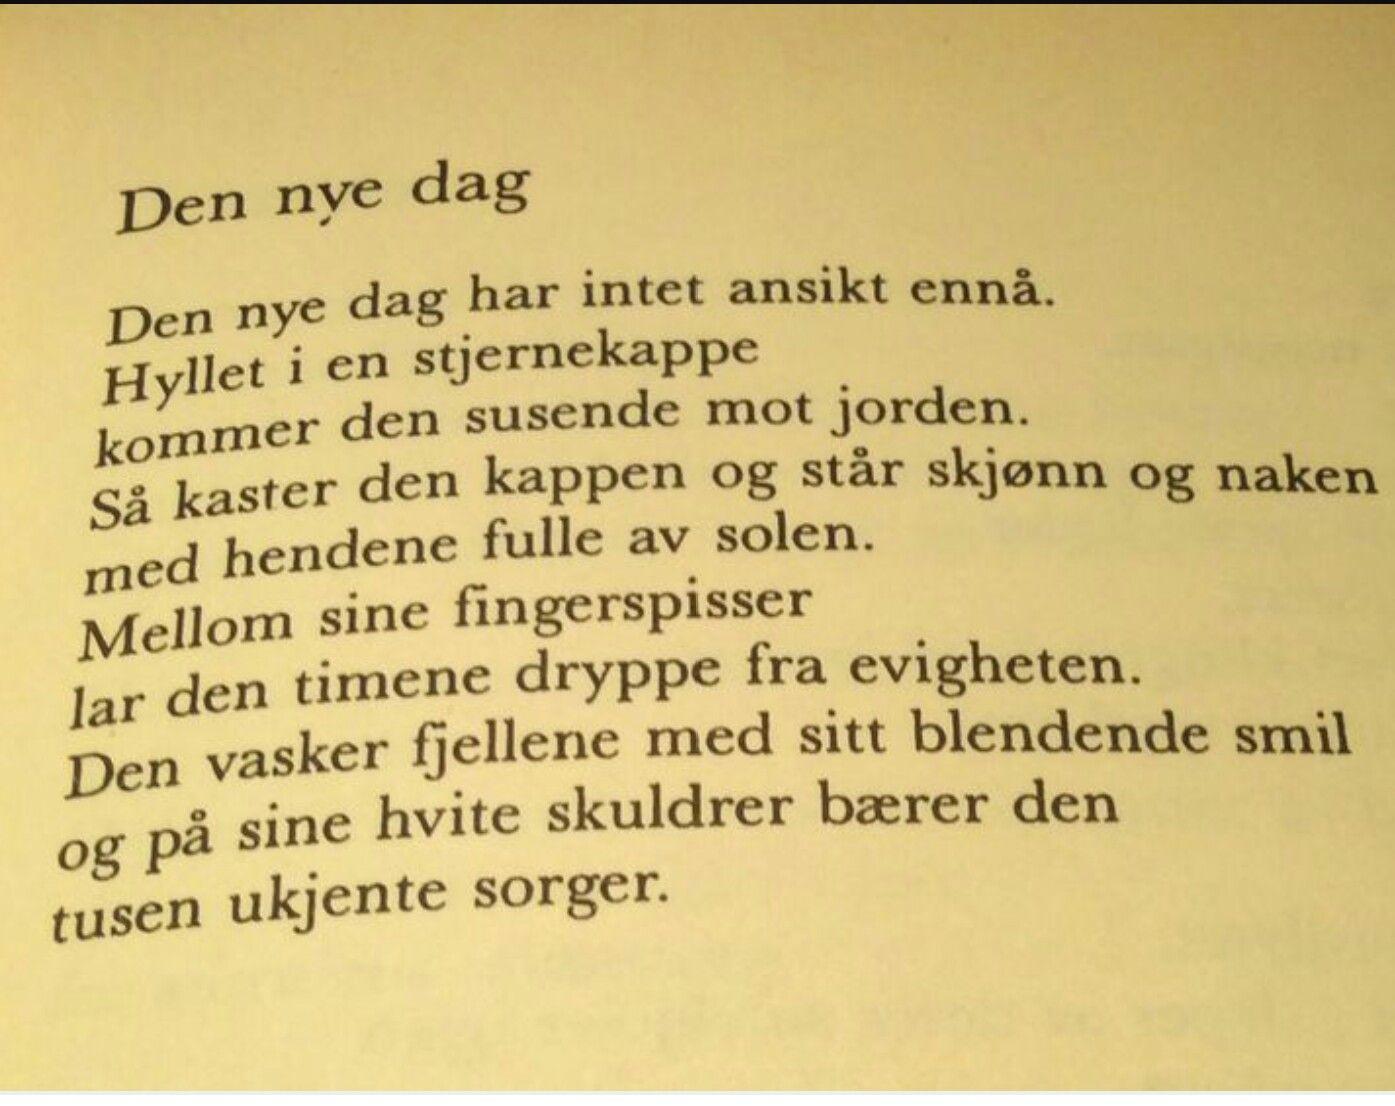 ~Den nye dag~ Inger Hagerup